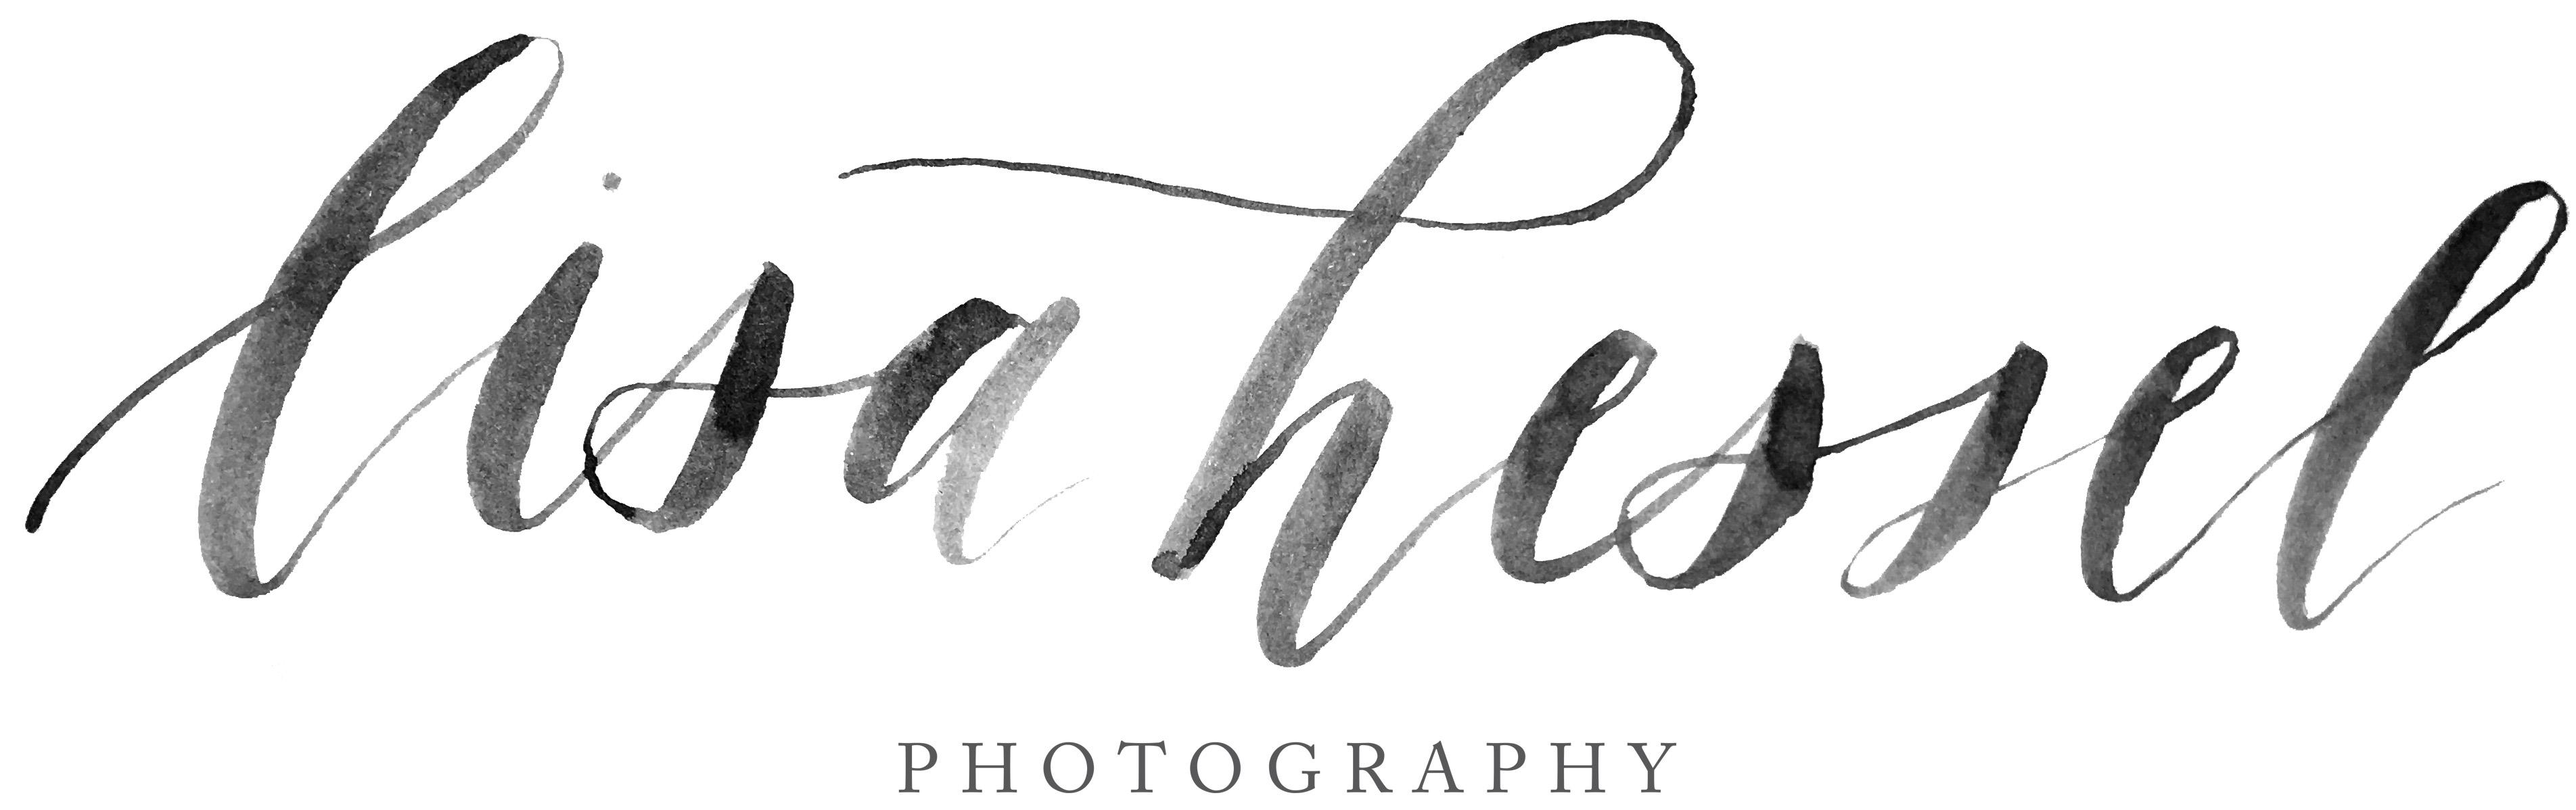 Lisa Hessel Photography